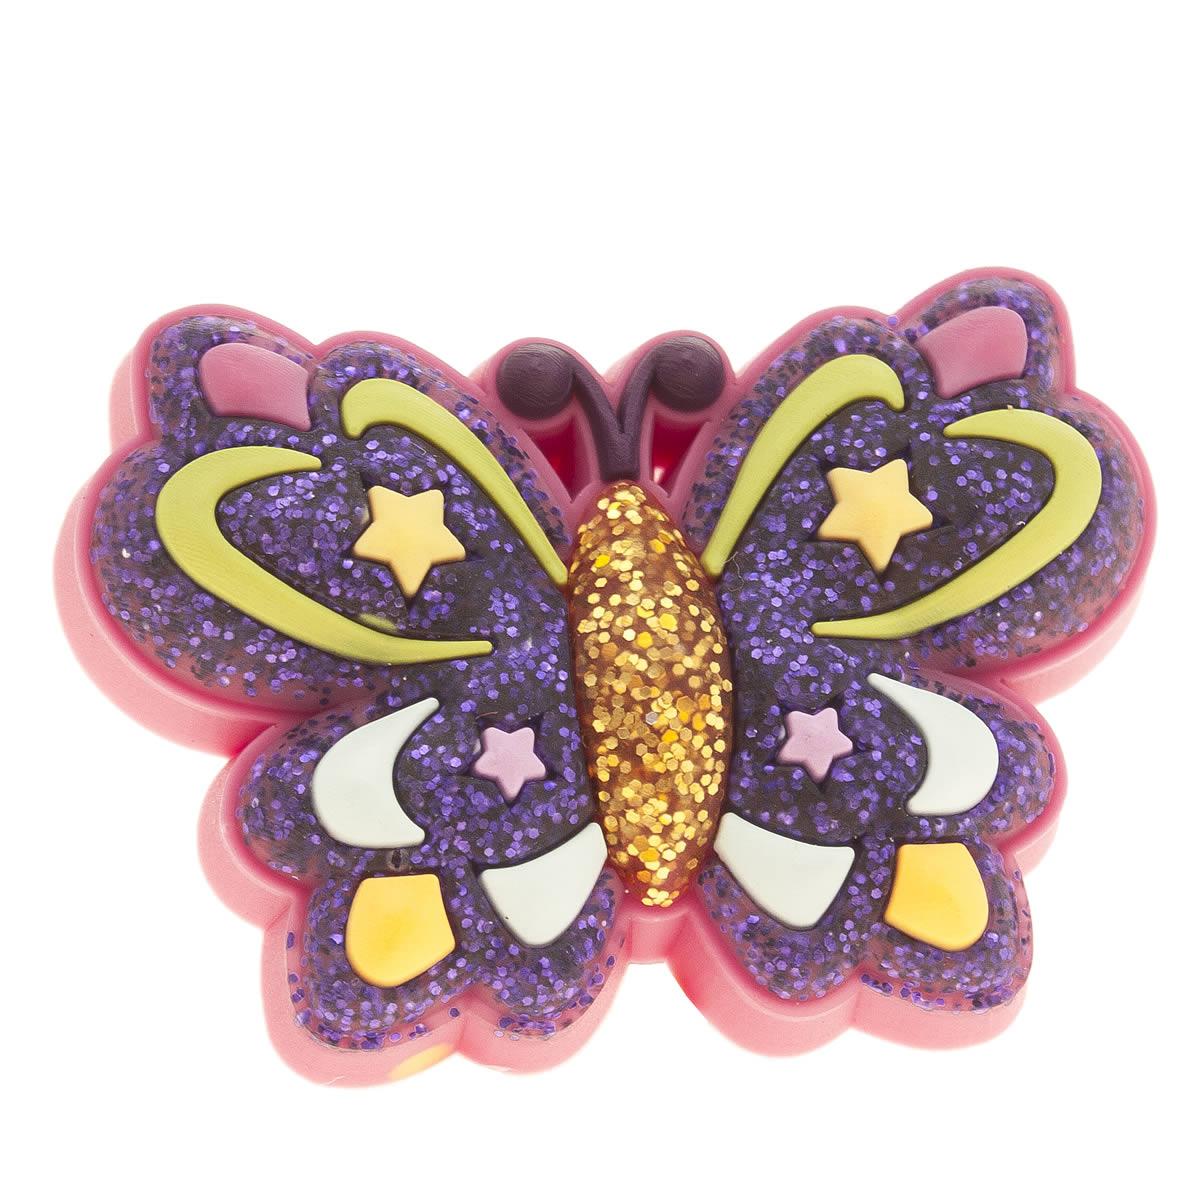 jibbitz Jibbitz Multi Glitzy Star Butterfly Shoe Accessories